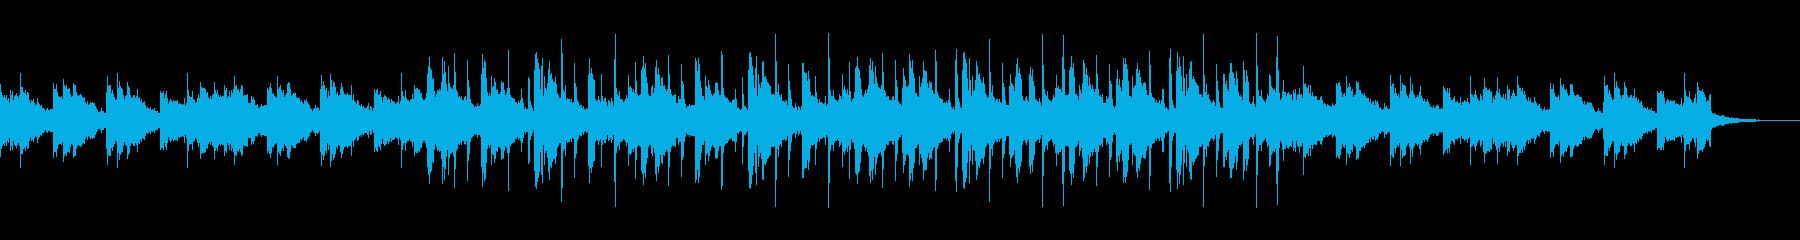 ユーロ風 切な明かるいフルートとビートの再生済みの波形